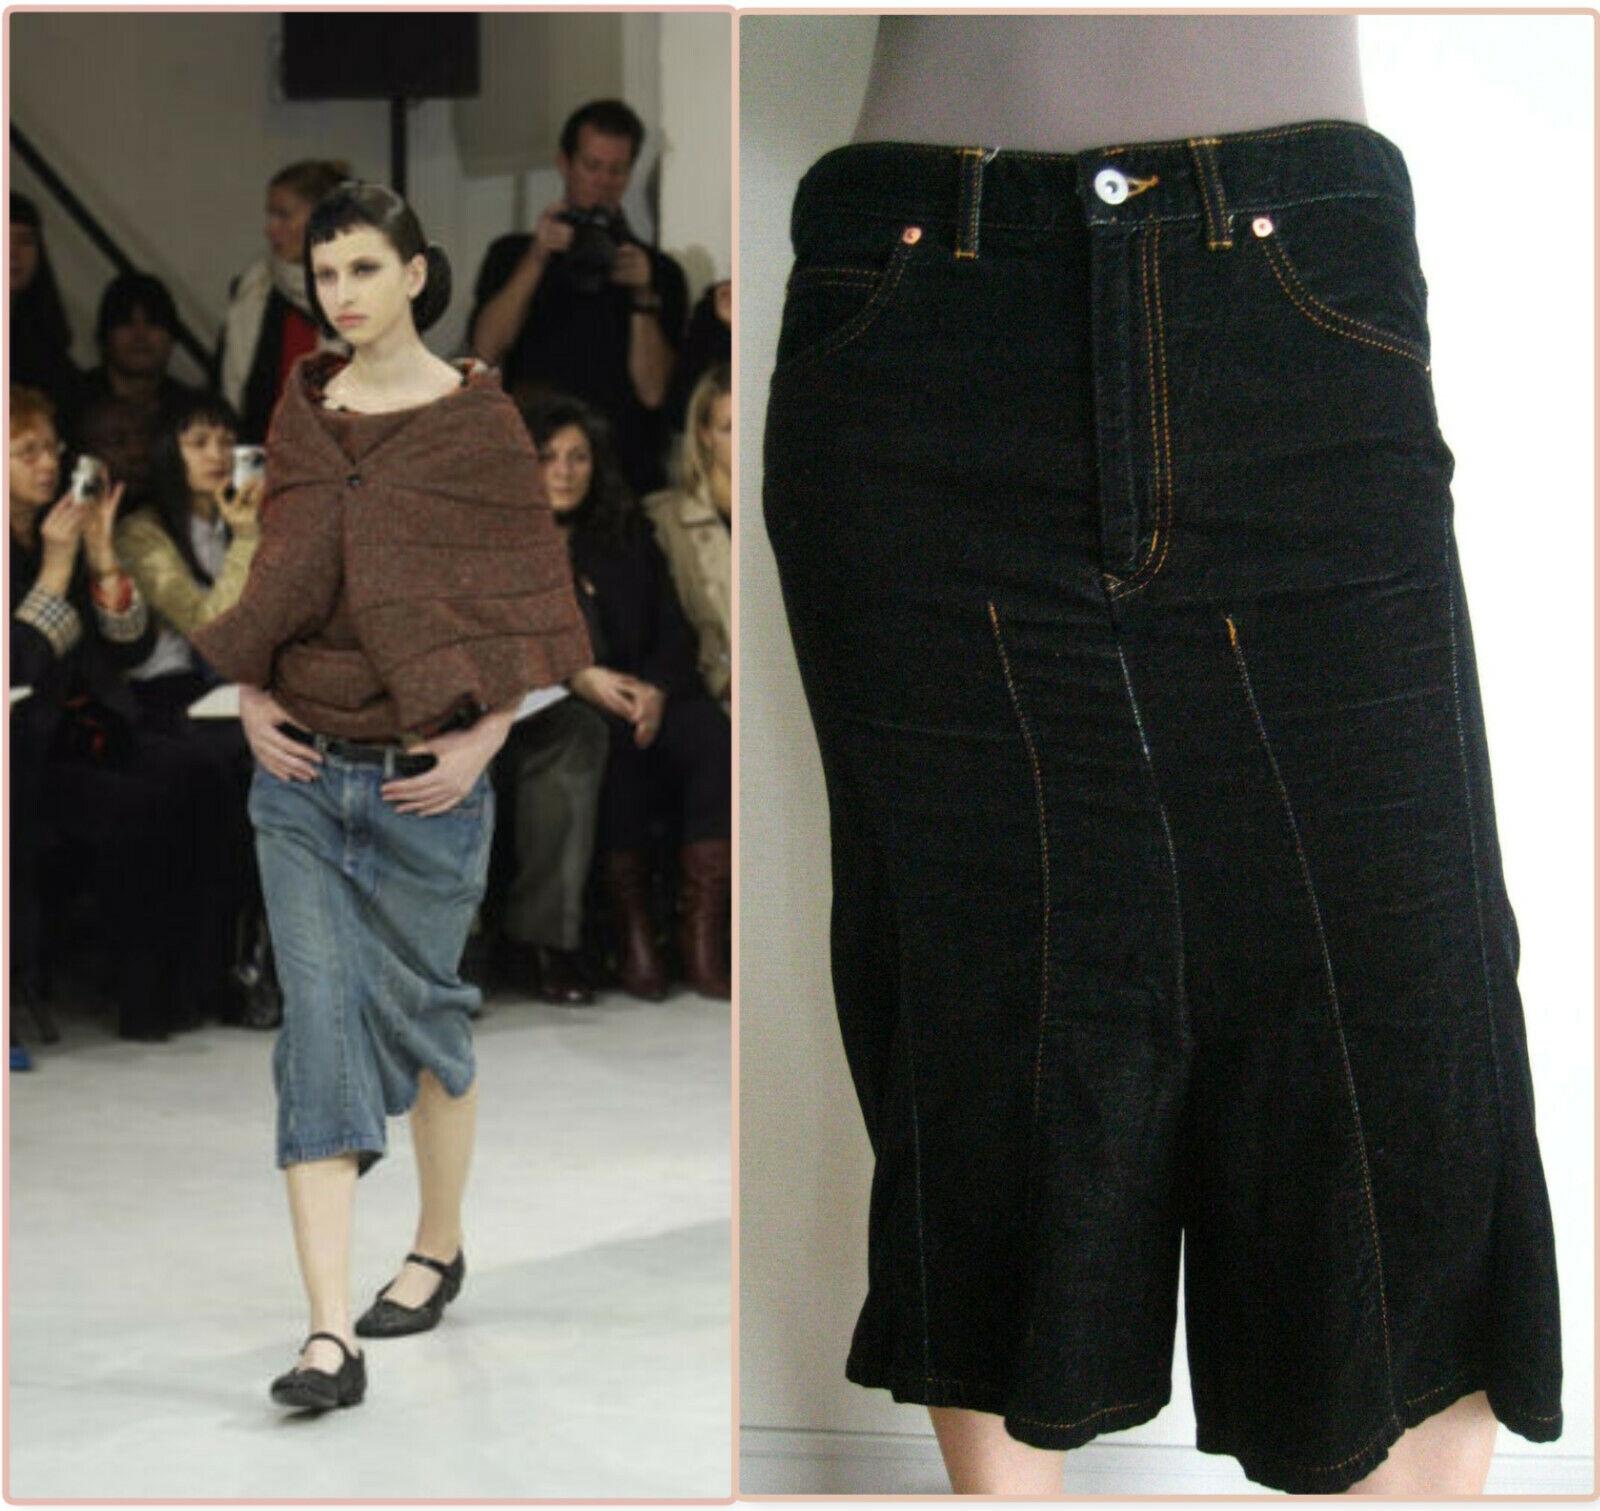 AD2005 Junya Watanabe Comme des Garcons pantalones de terciopelo sarueru   precios ultra bajos